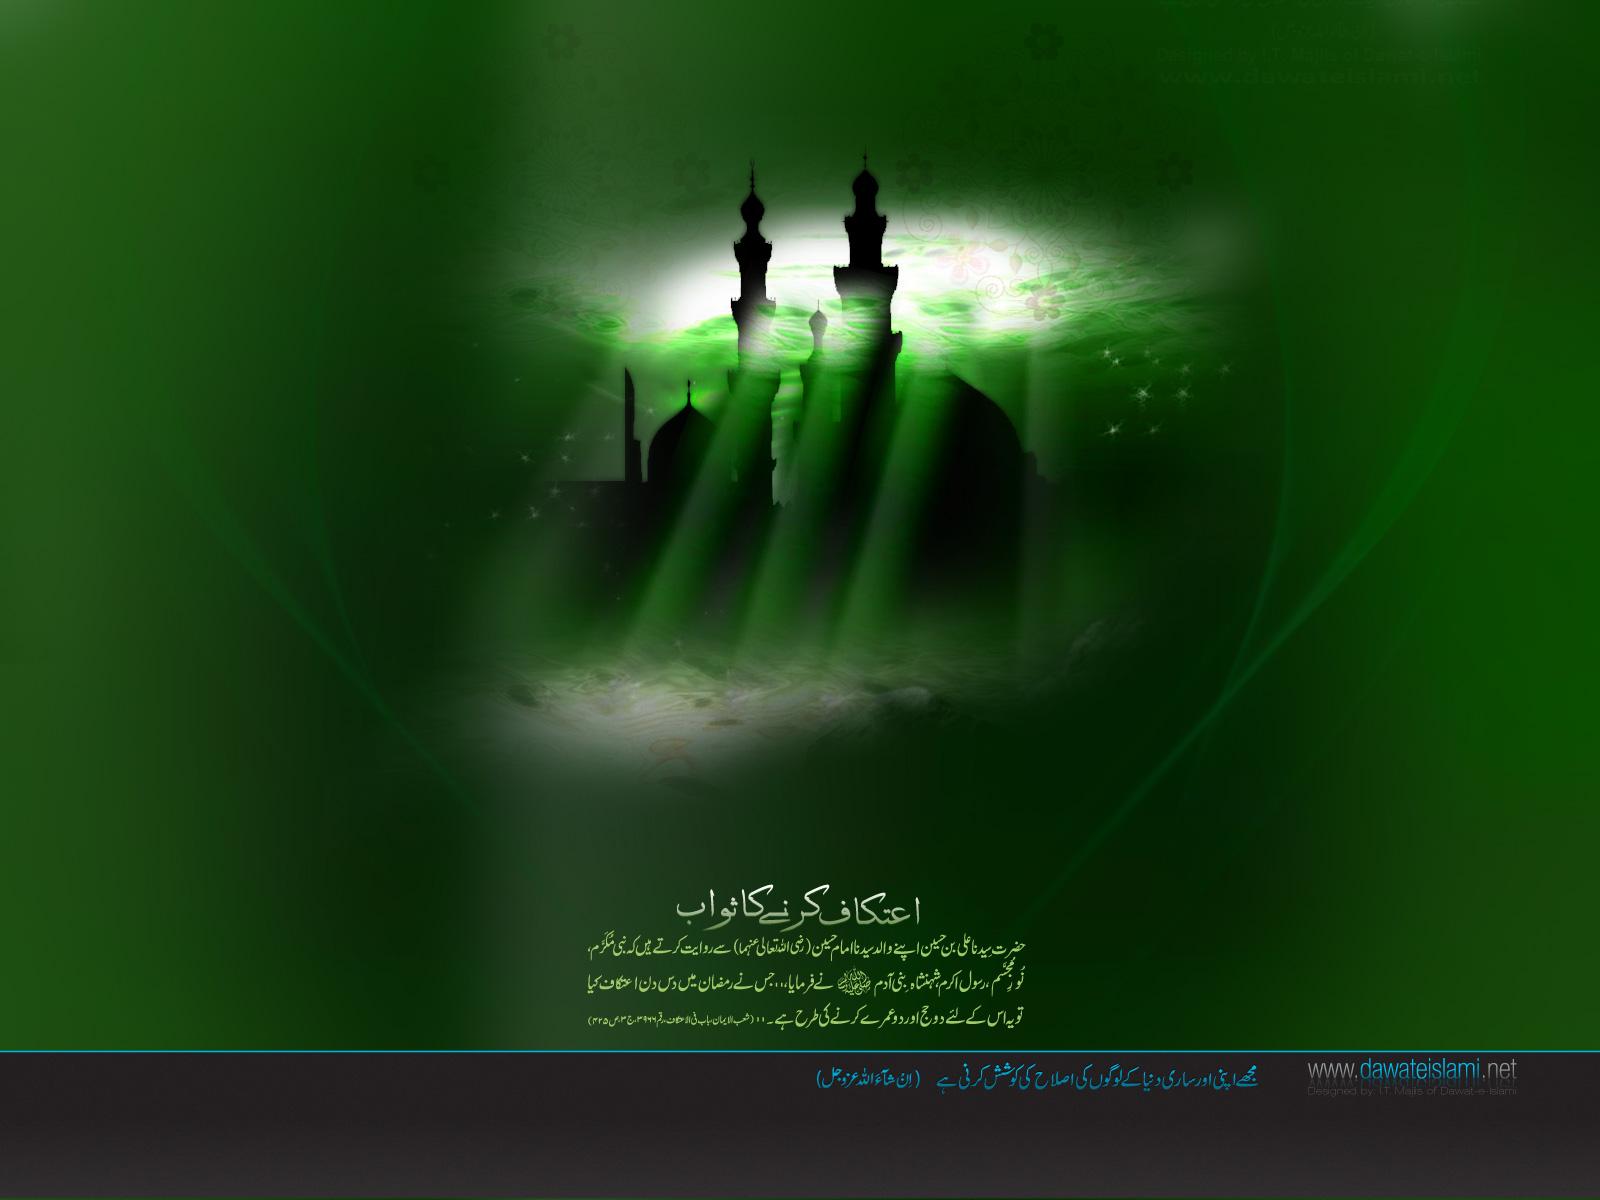 http://3.bp.blogspot.com/-lyBffe6Y17M/T_ykjiiUPQI/AAAAAAAAATw/cFewVhQnuME/s1600/ramadan+kareem_wallpapers_by_dawateislami_2.jpg